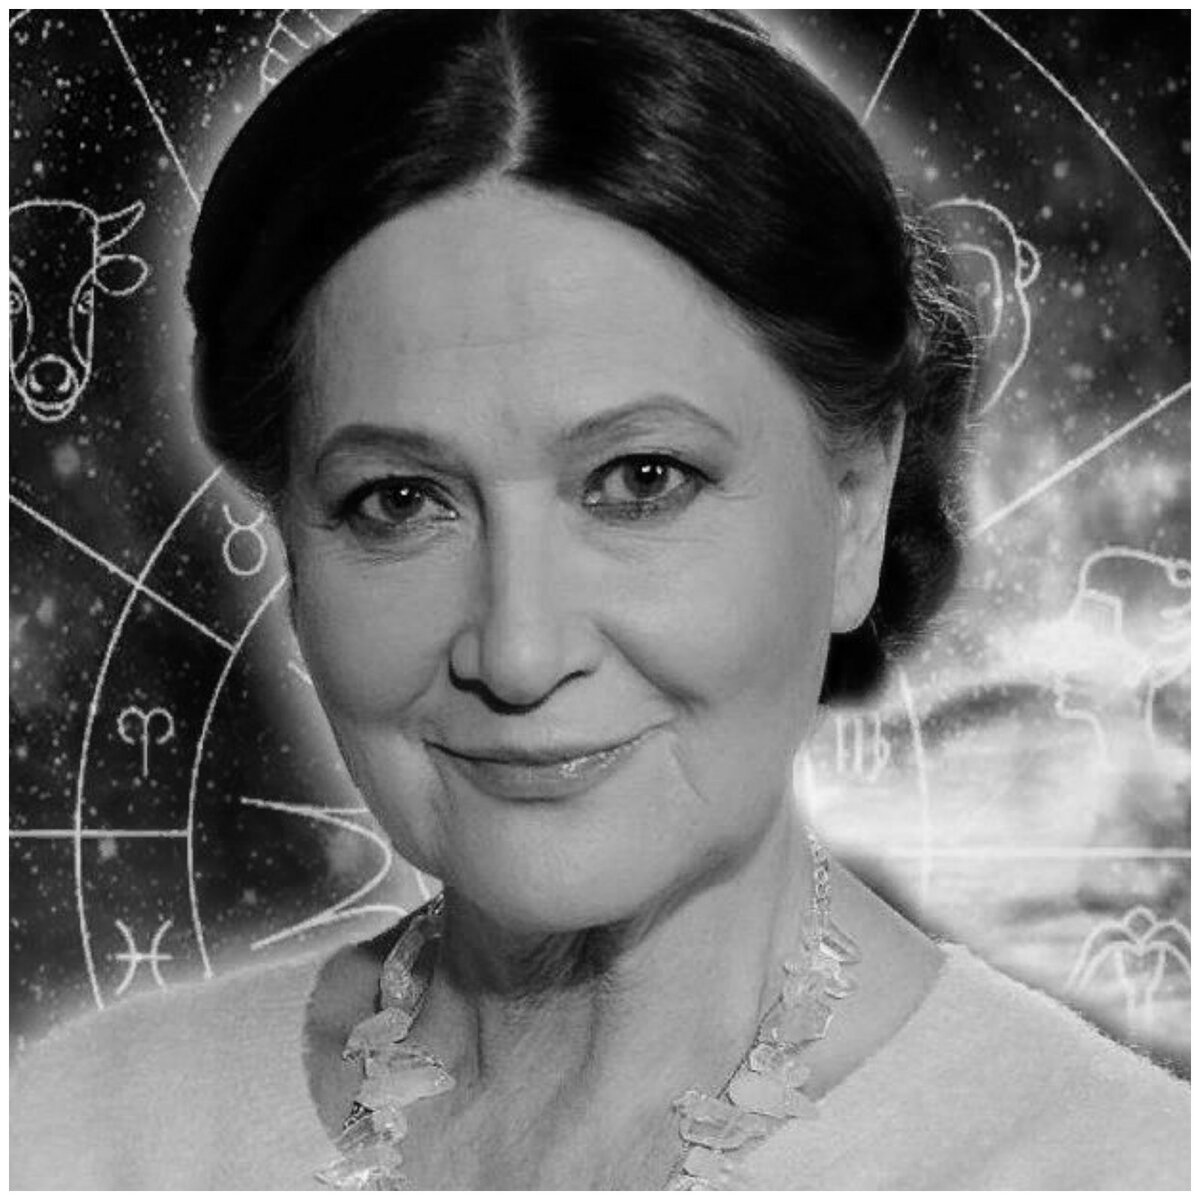 Астролог тамара глоба: биография, личная жизнь, профессиональная деятельность